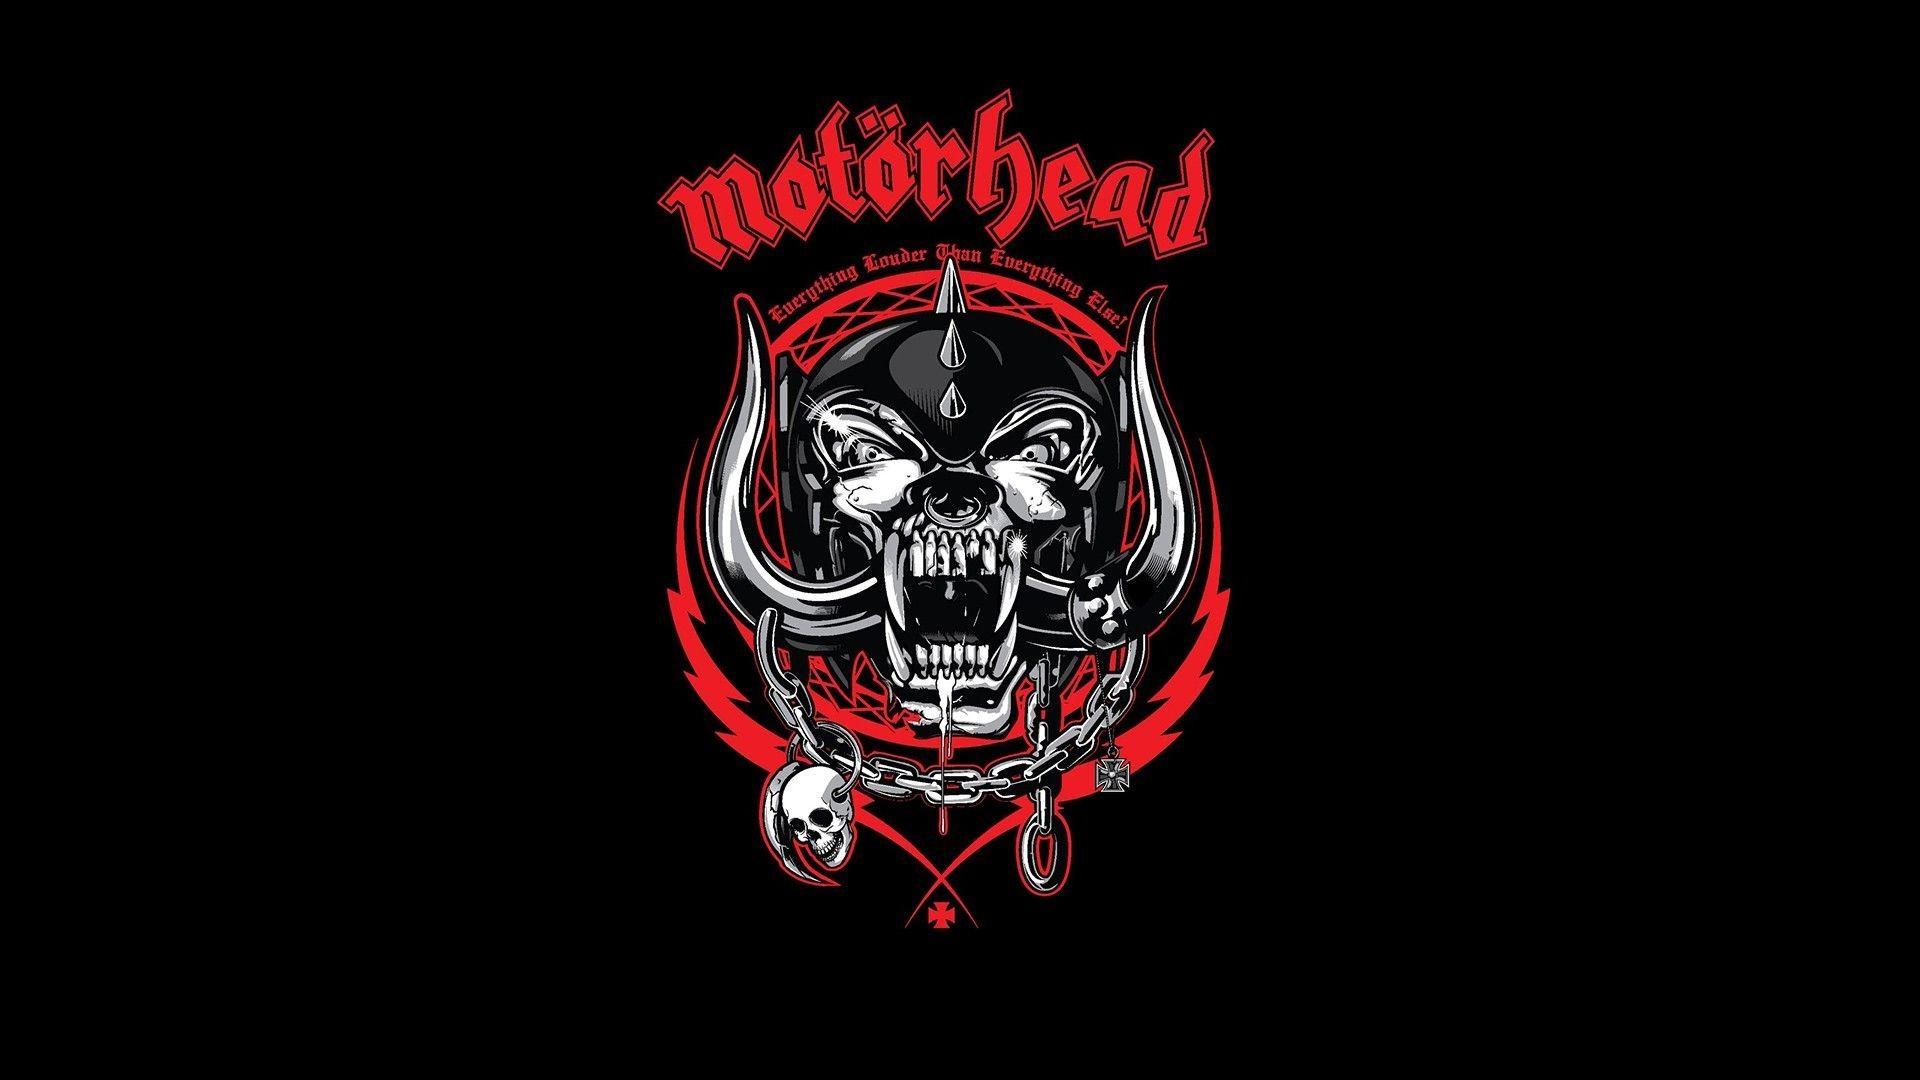 motorhead songs free download